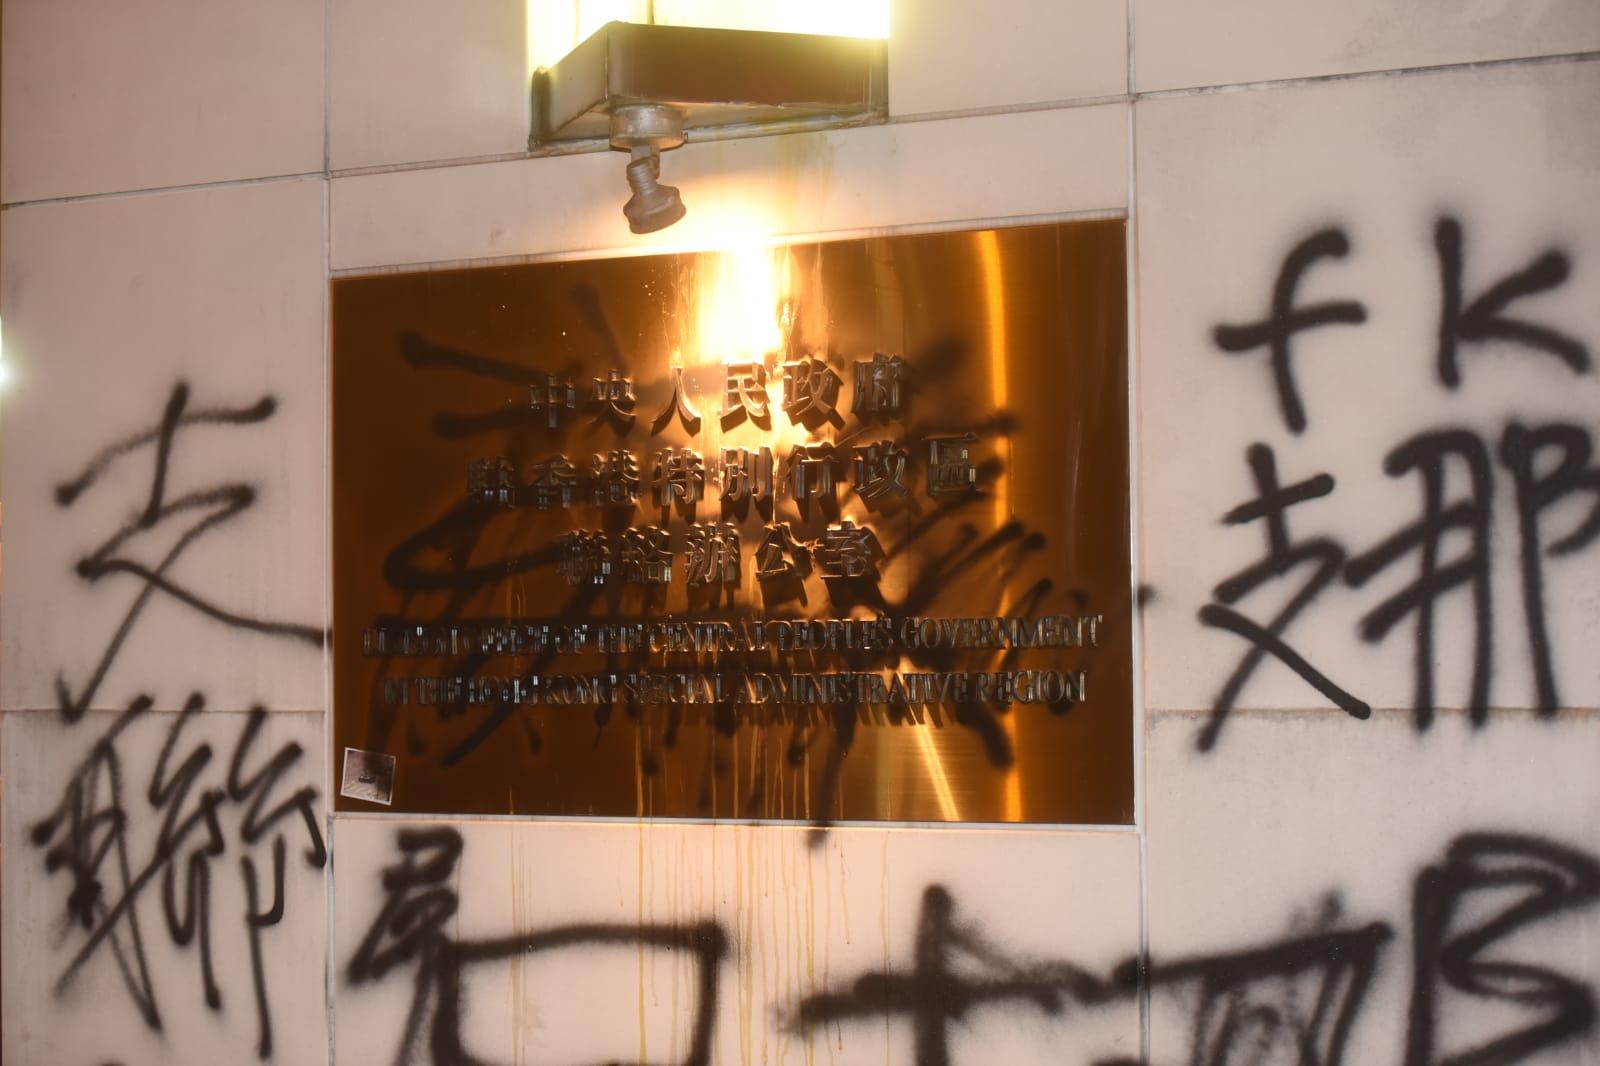 中聯辦門牌被噴漆及掟蛋。